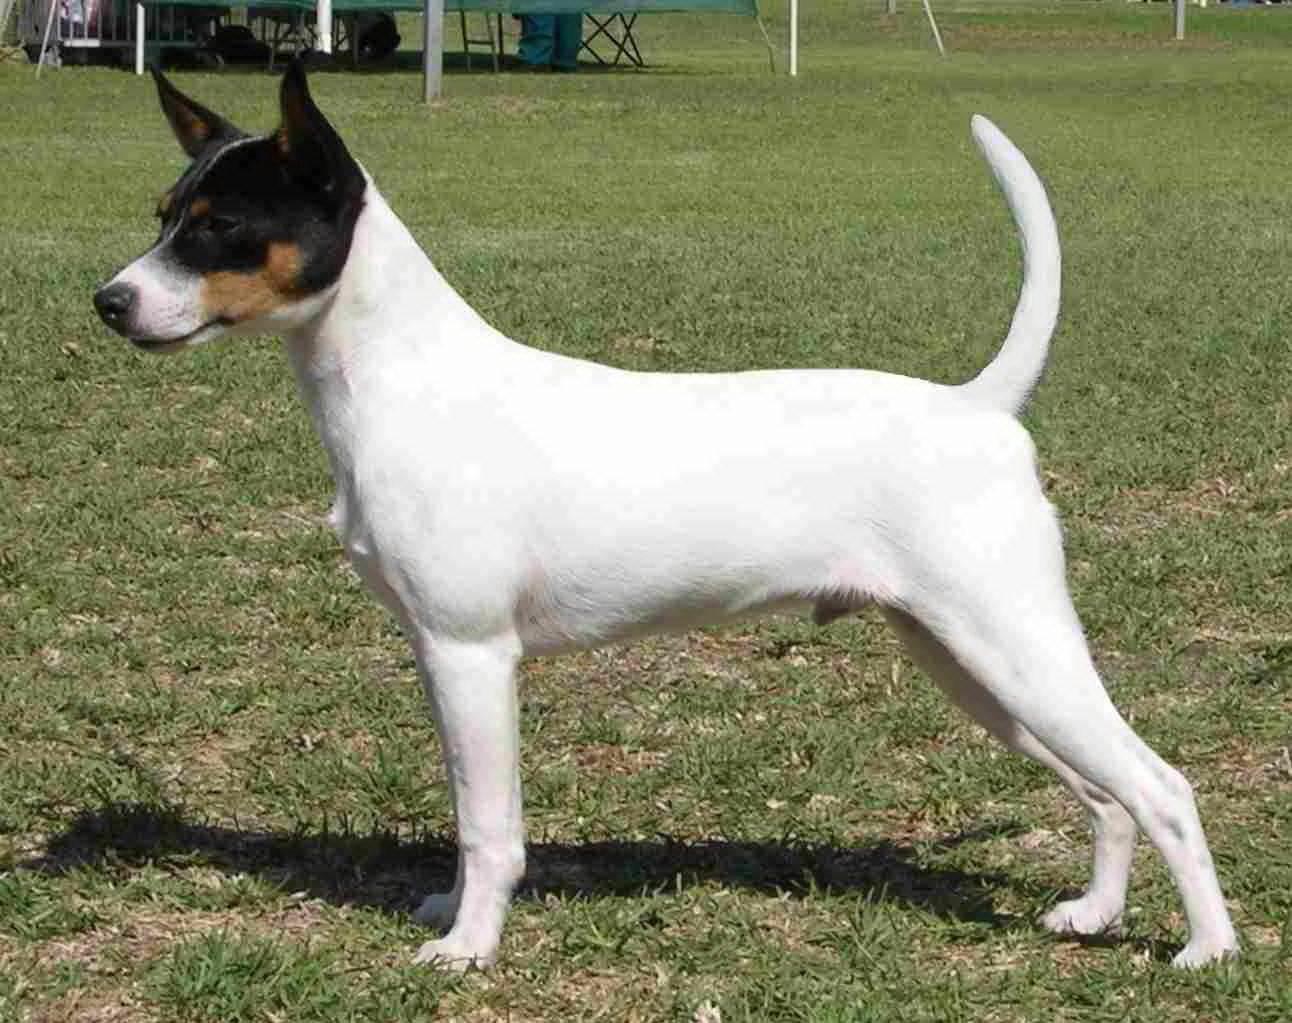 Tenterfield-Terrier-White-Dog-Wallpaper.jpg (1292×1023)